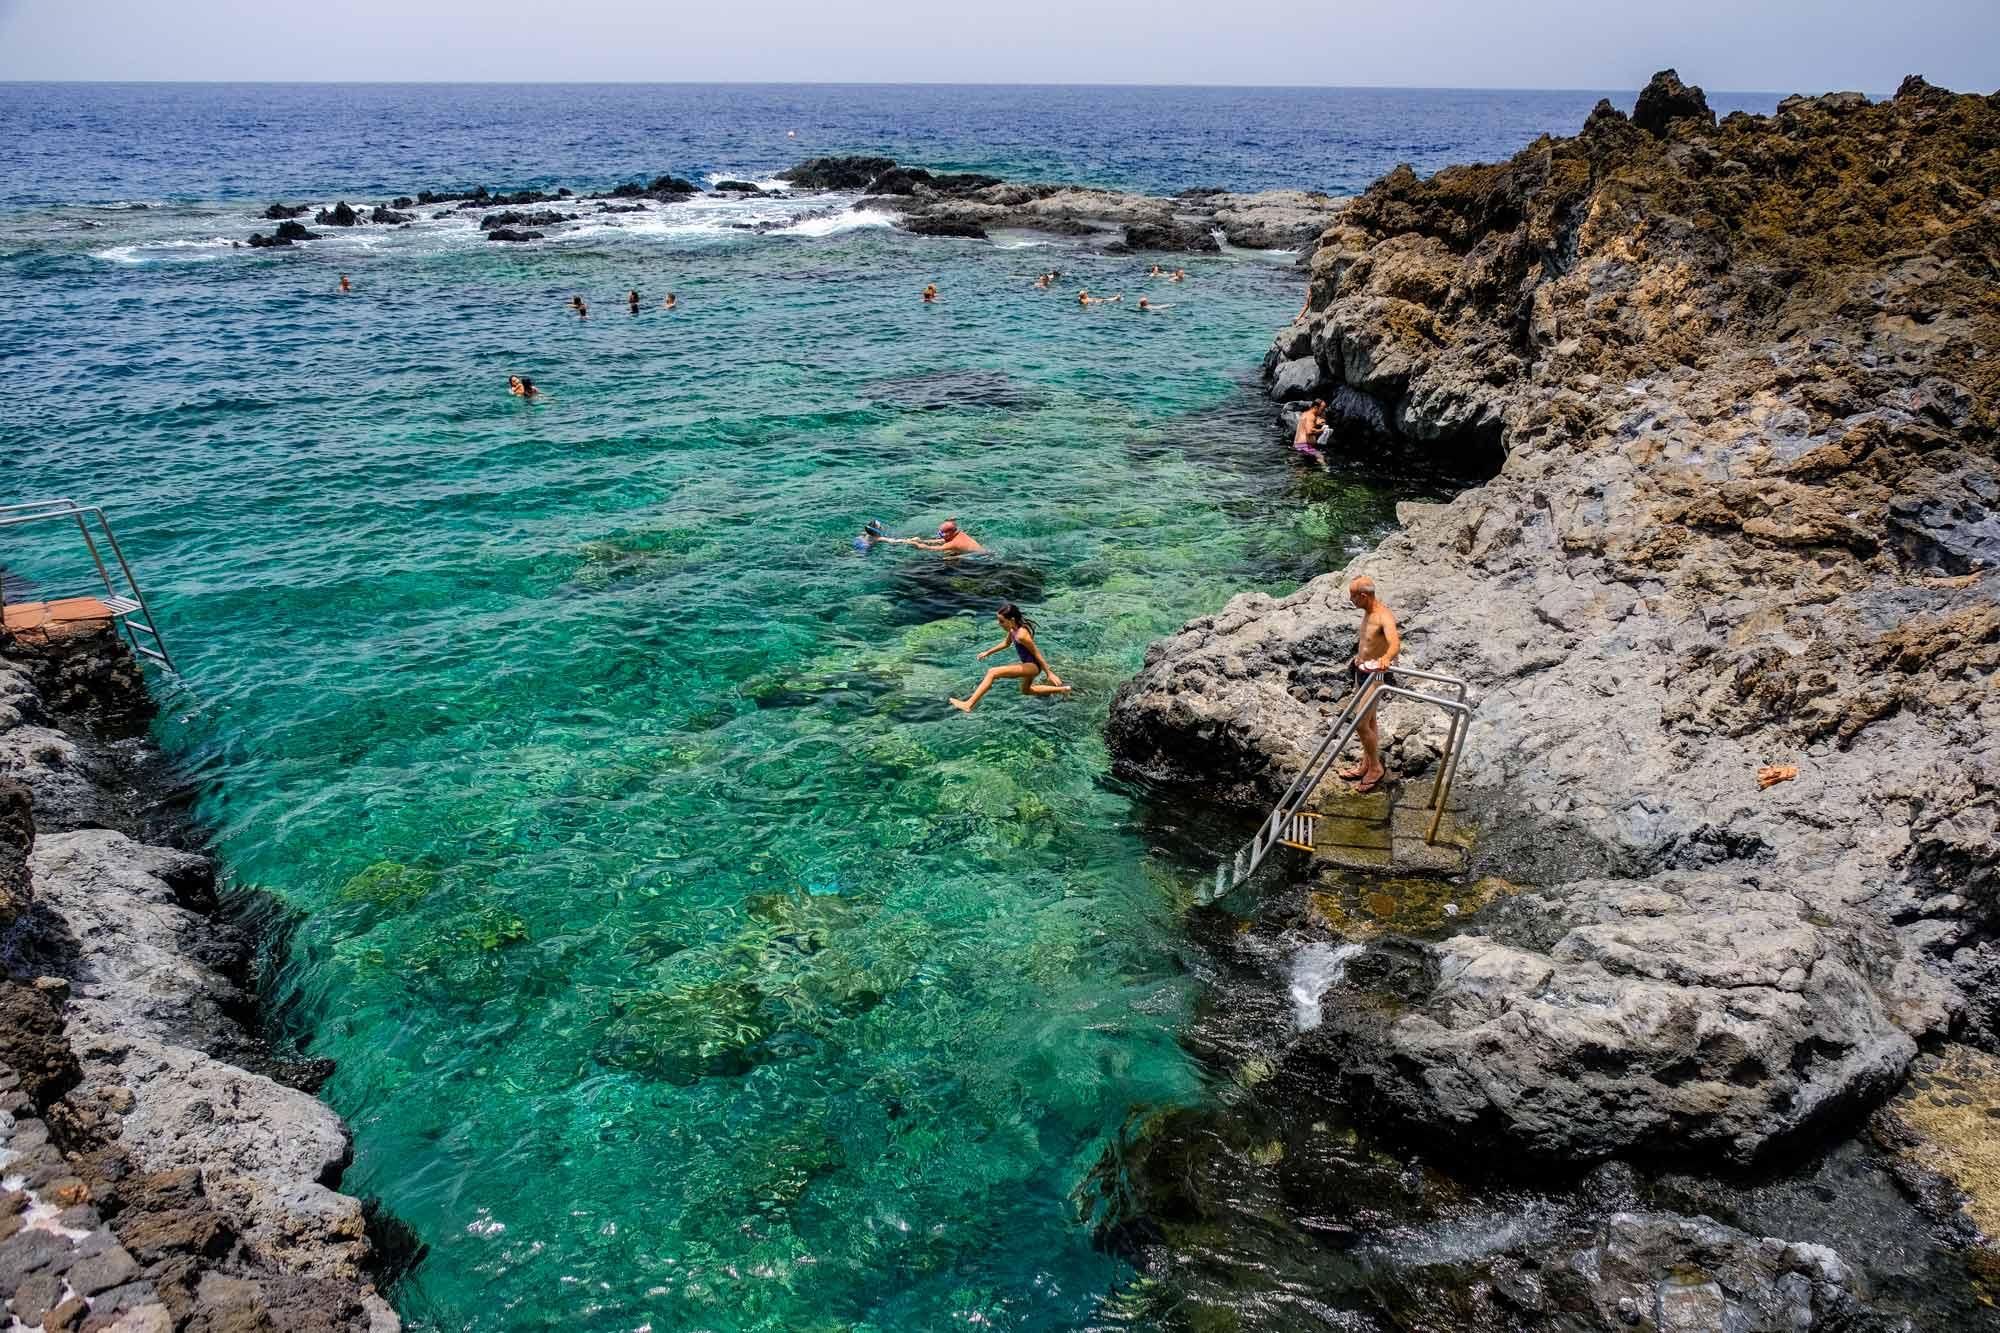 Dónde Bañarse En El Hierro Zona El Mar De Las Calmas Guía Repsol